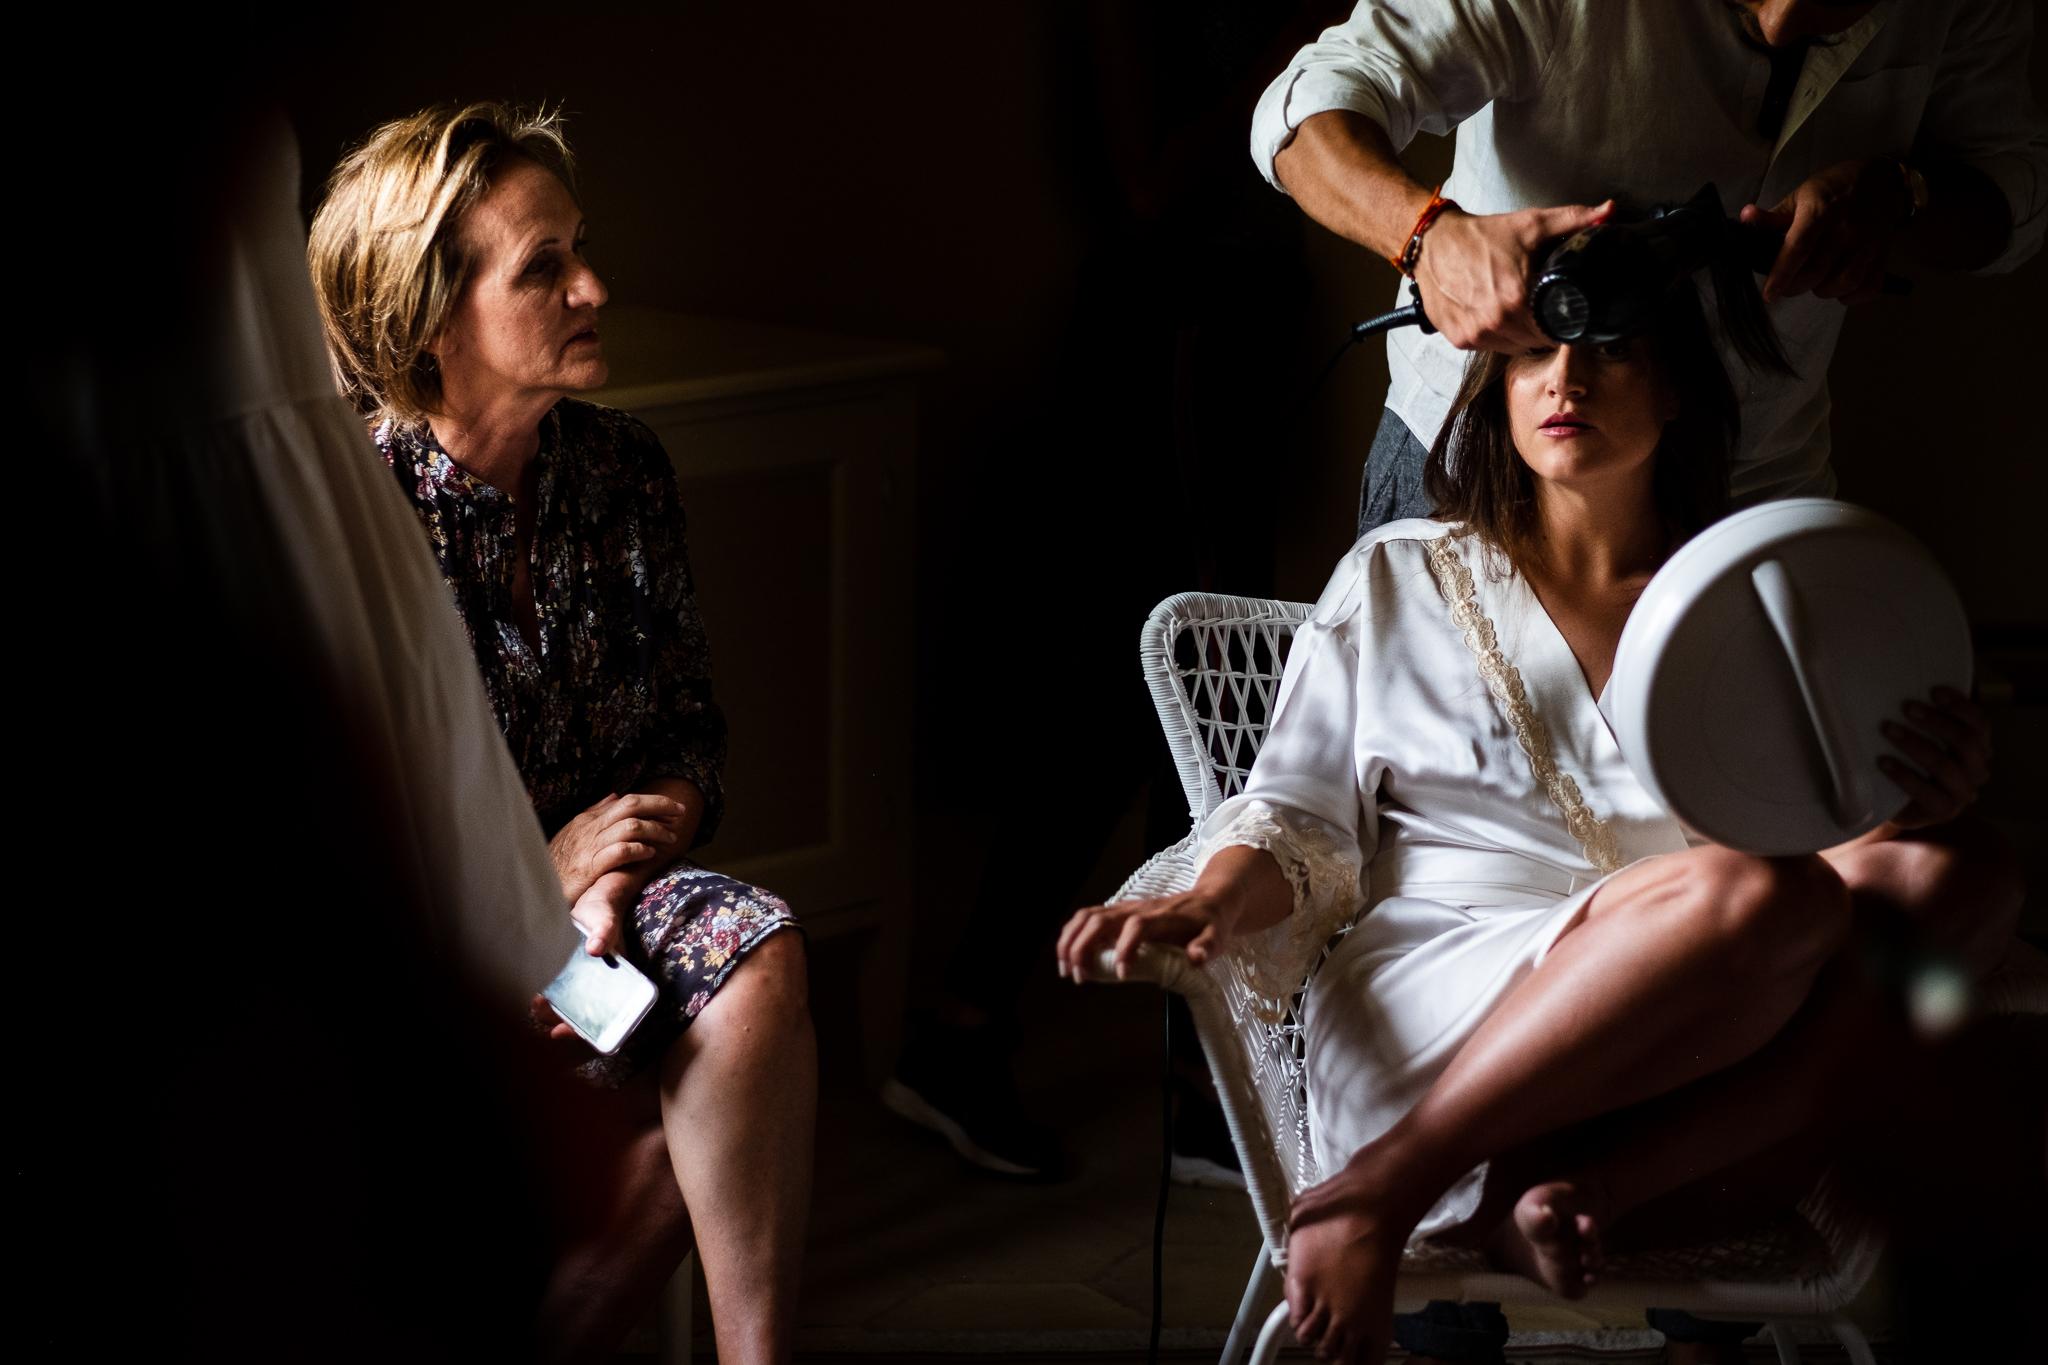 Enkant-fotografo-matrimonio-sicilia-story-1.jpg